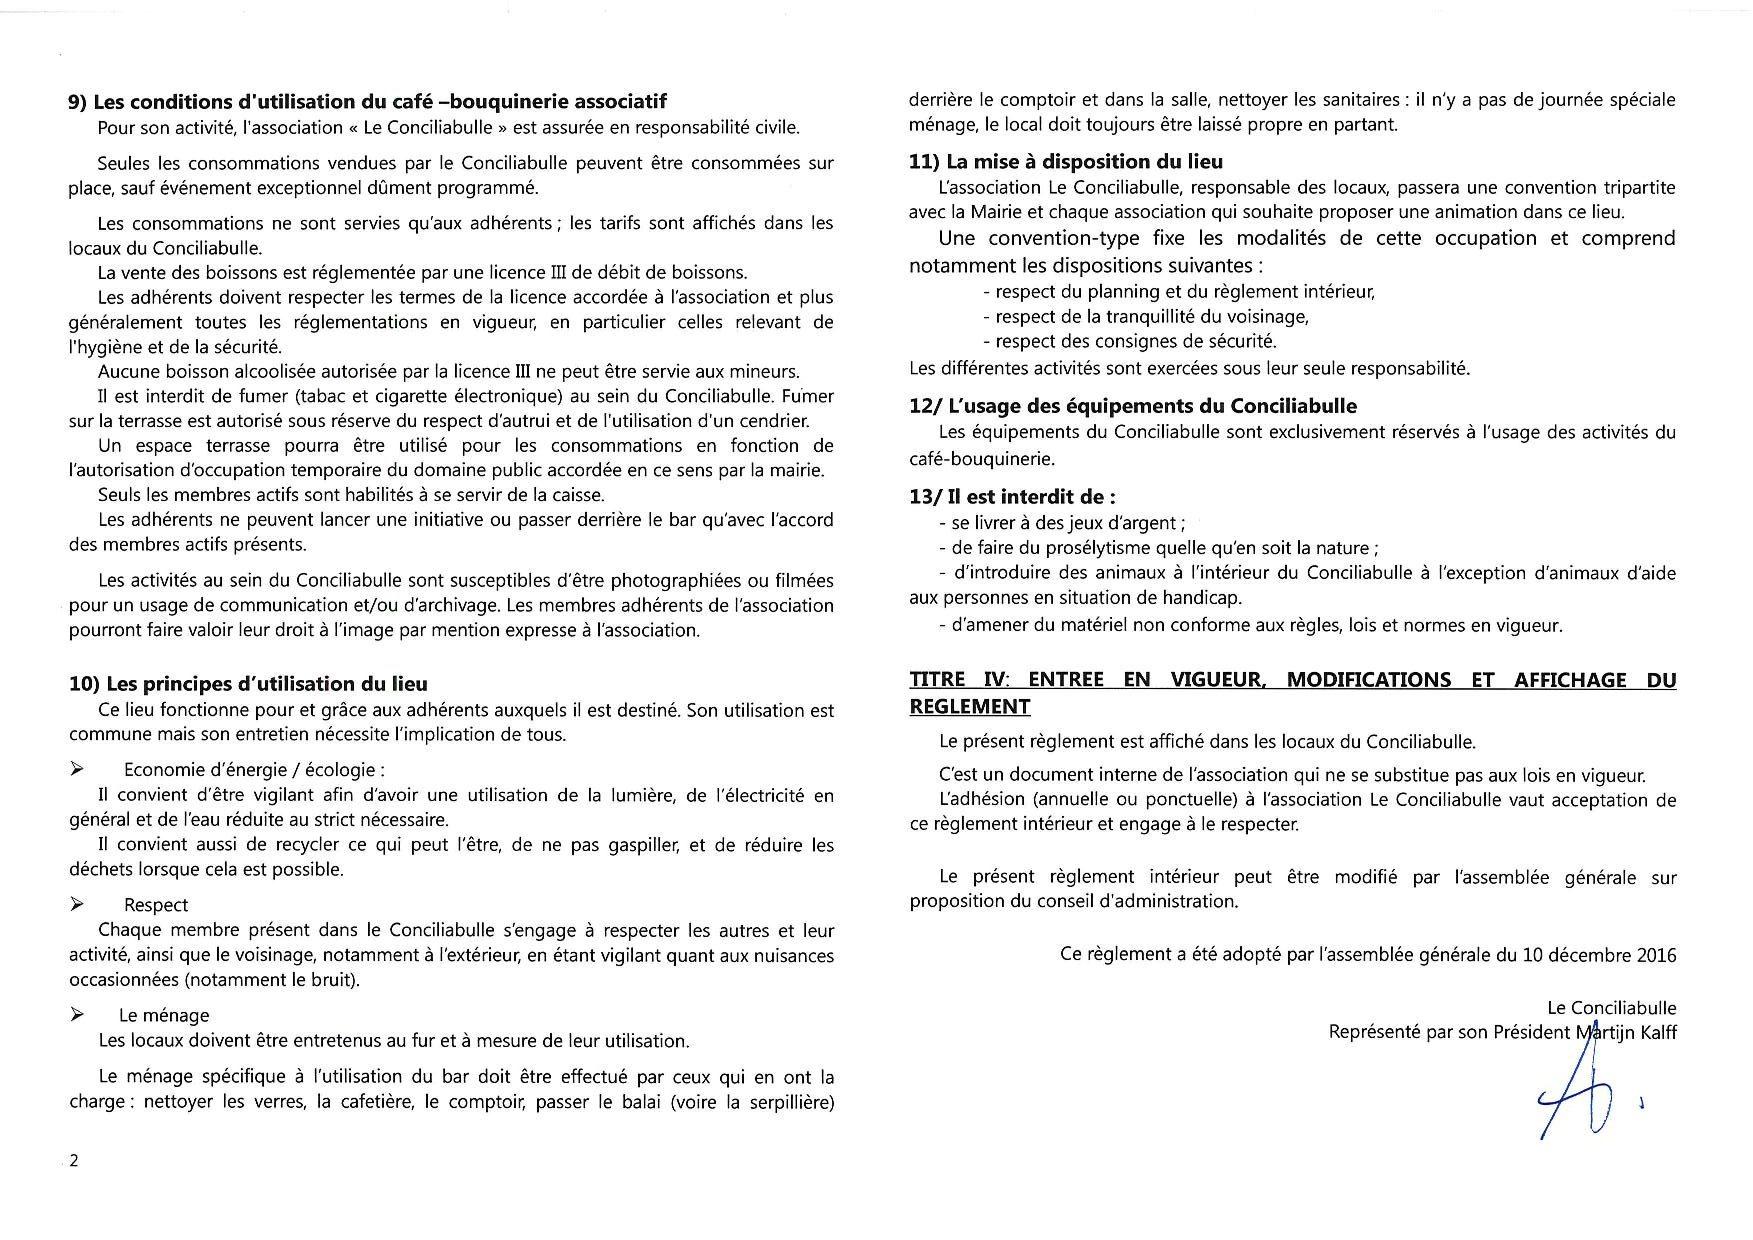 reglement-interieur-conciliabulle-decembre-2016-page-002